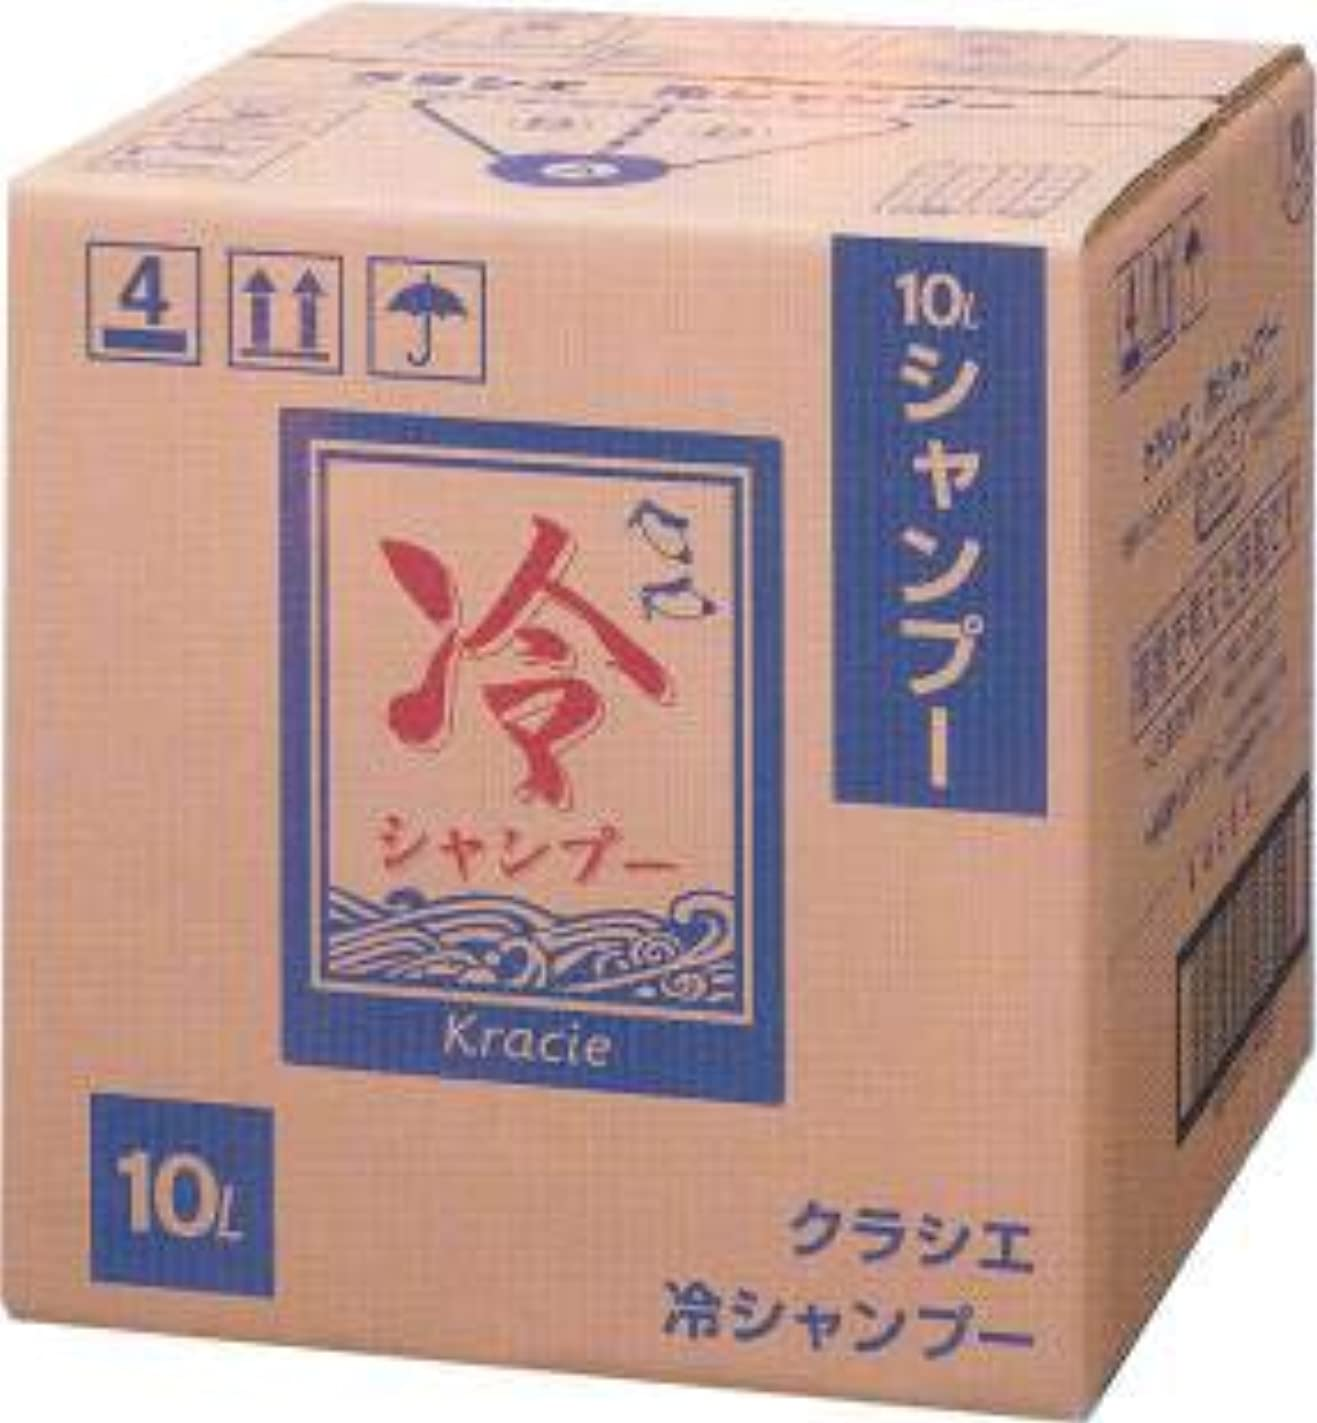 浸透するお勧め砂kracie クラシエ 冷 シャンプー 10L 詰め替え 業務用